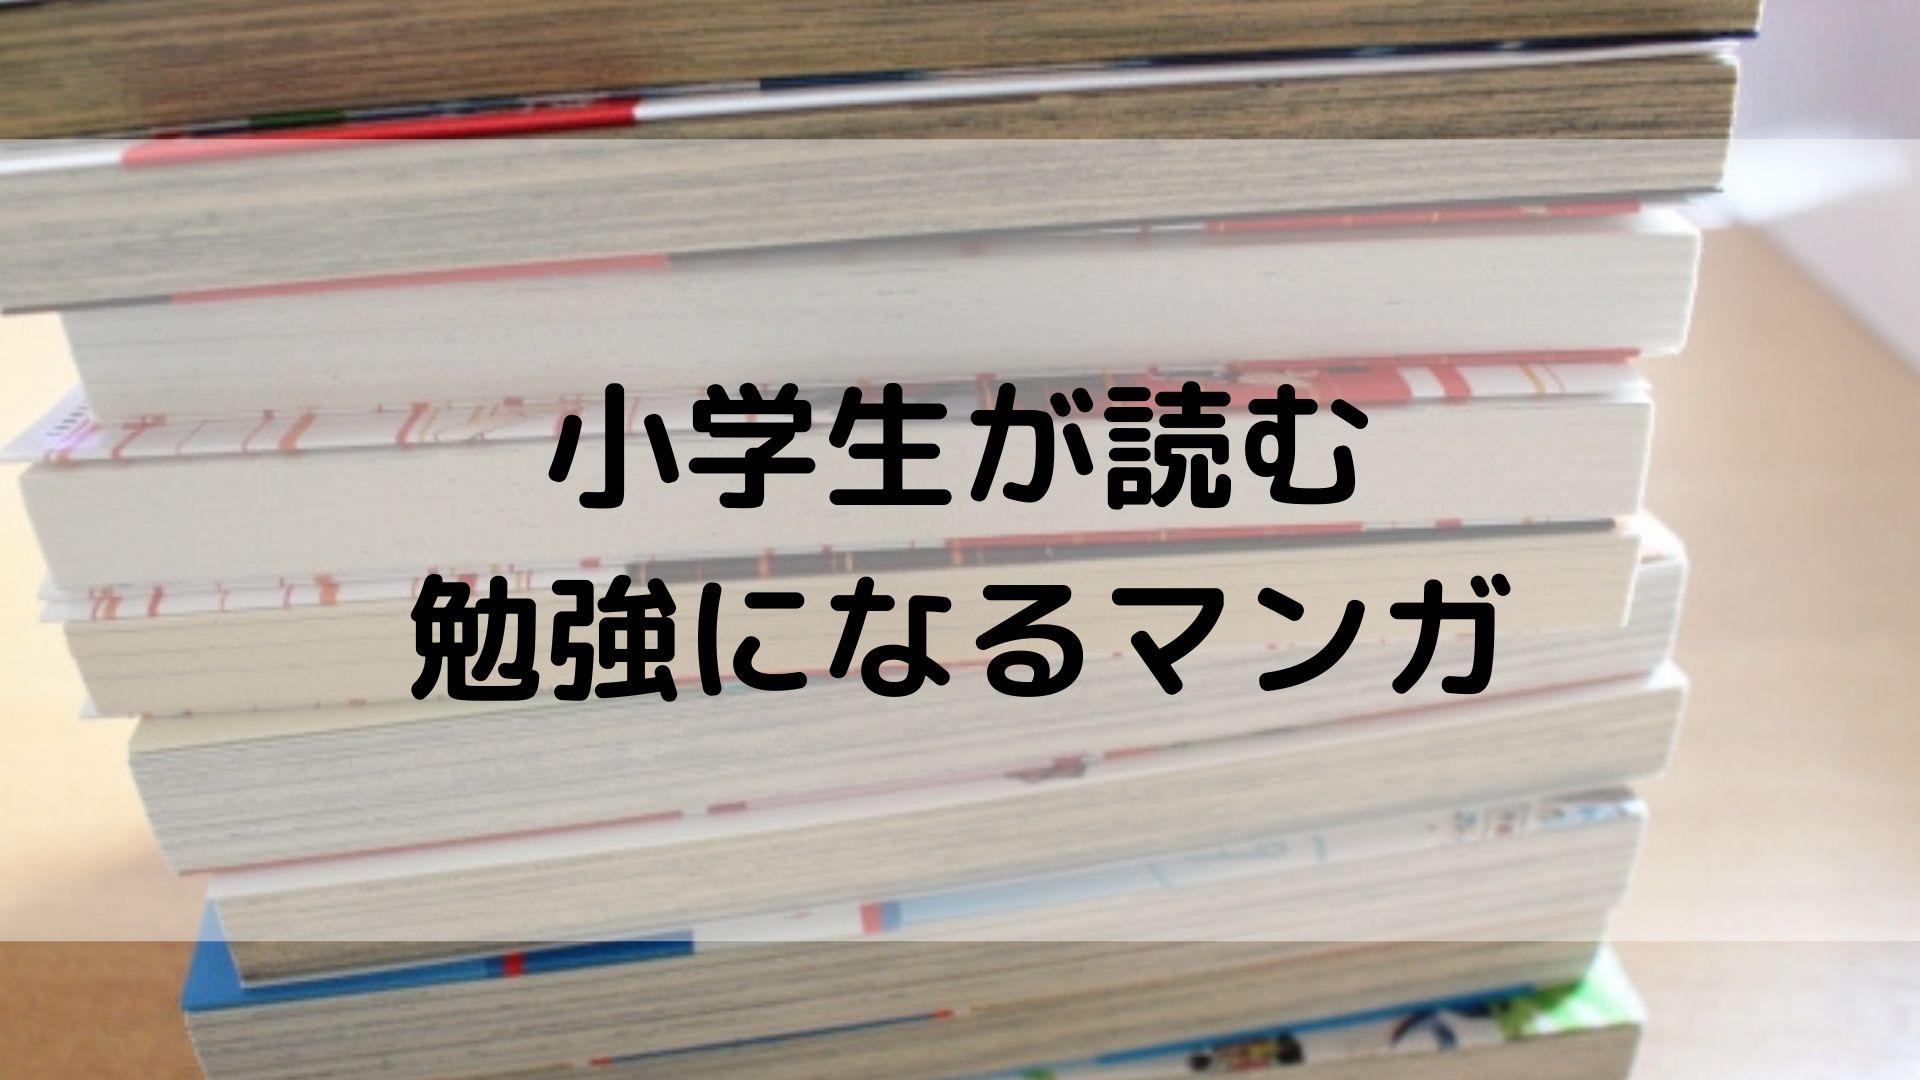 小学生が読む勉強になるマンガ